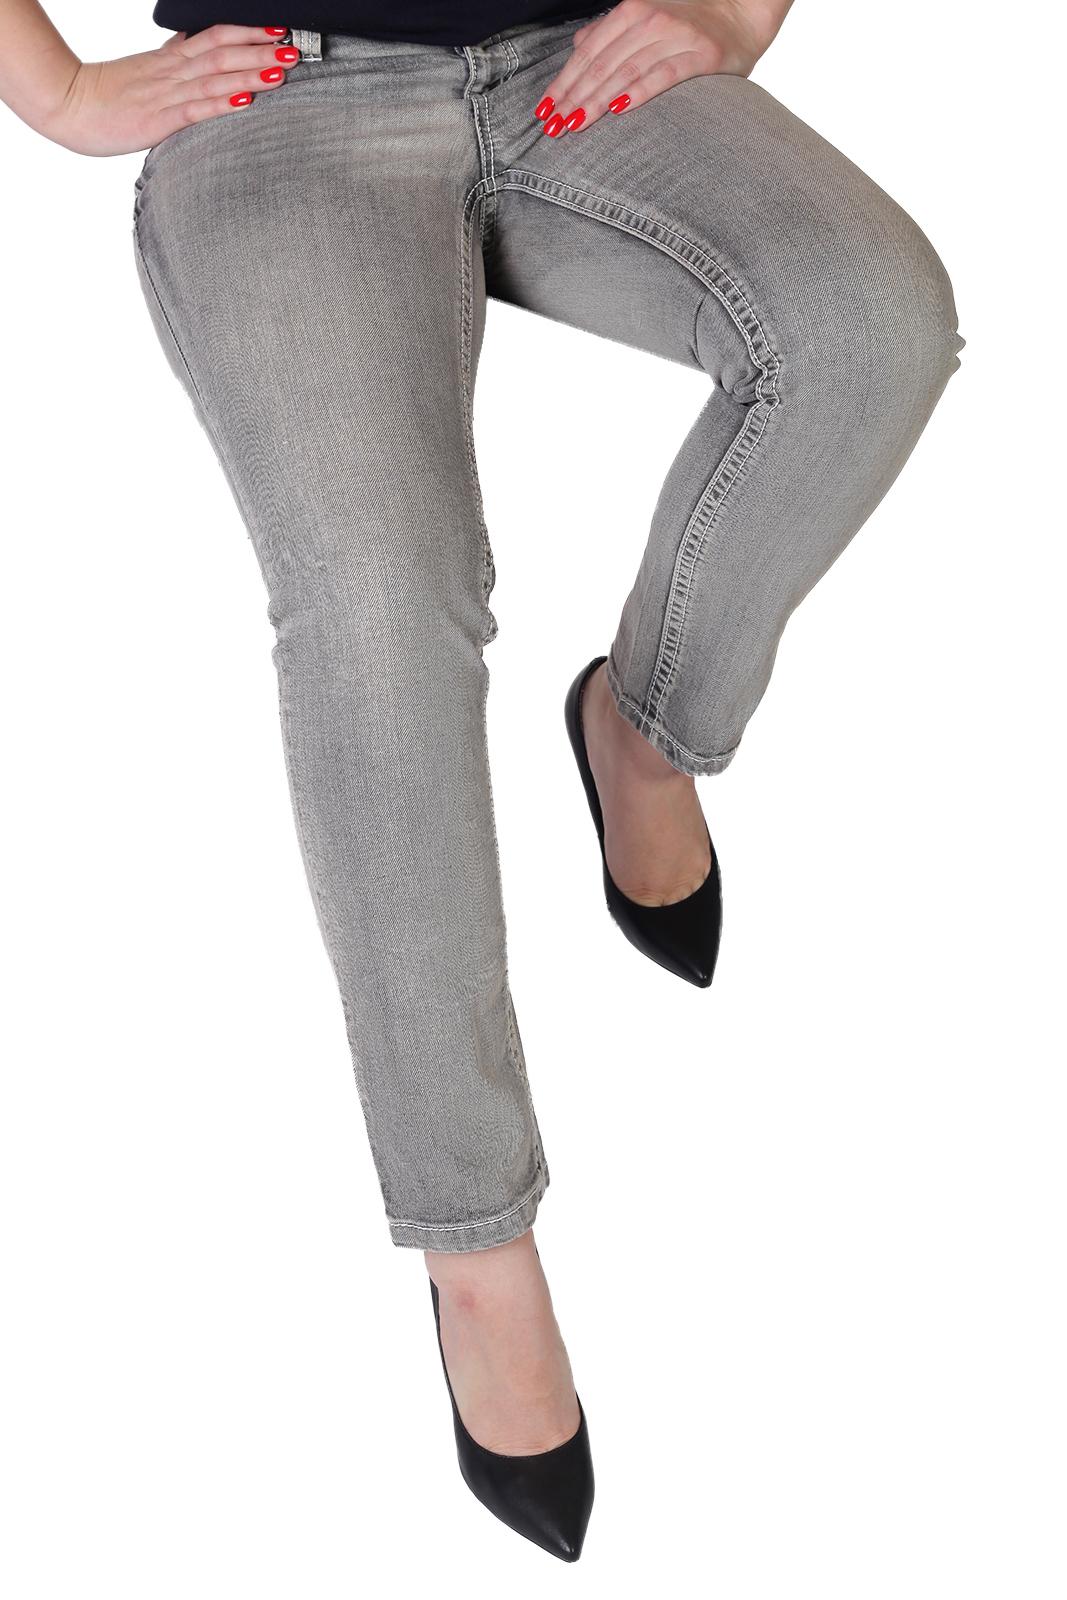 223b31a5e86 Спорт-ШИК от ТМ Arizona – женские oversize джинсы на резинке ...